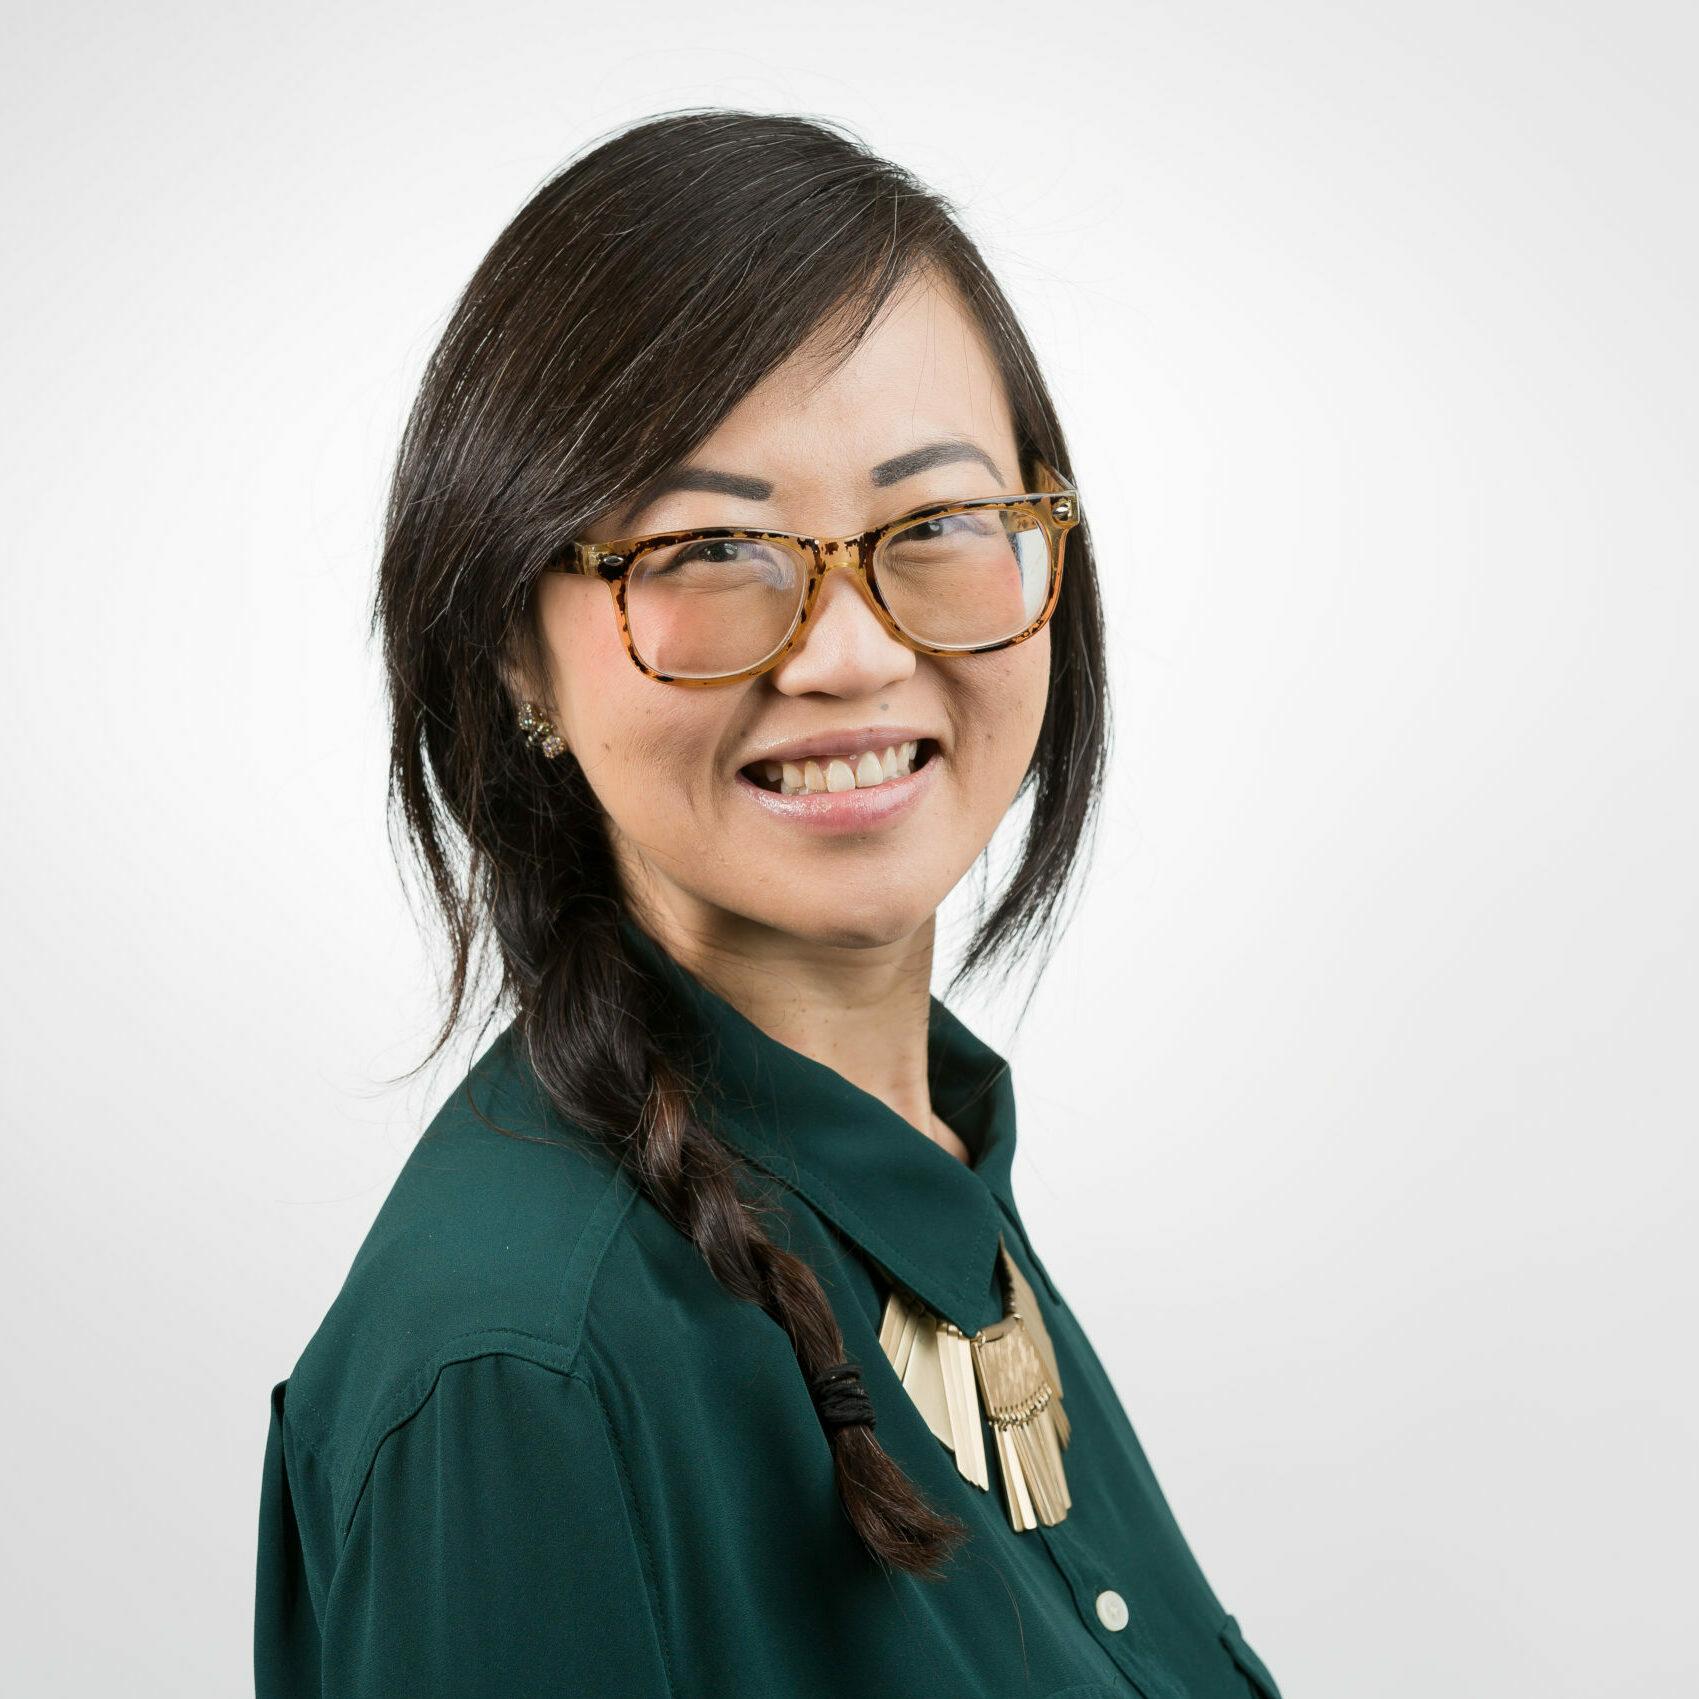 MK Nguyen